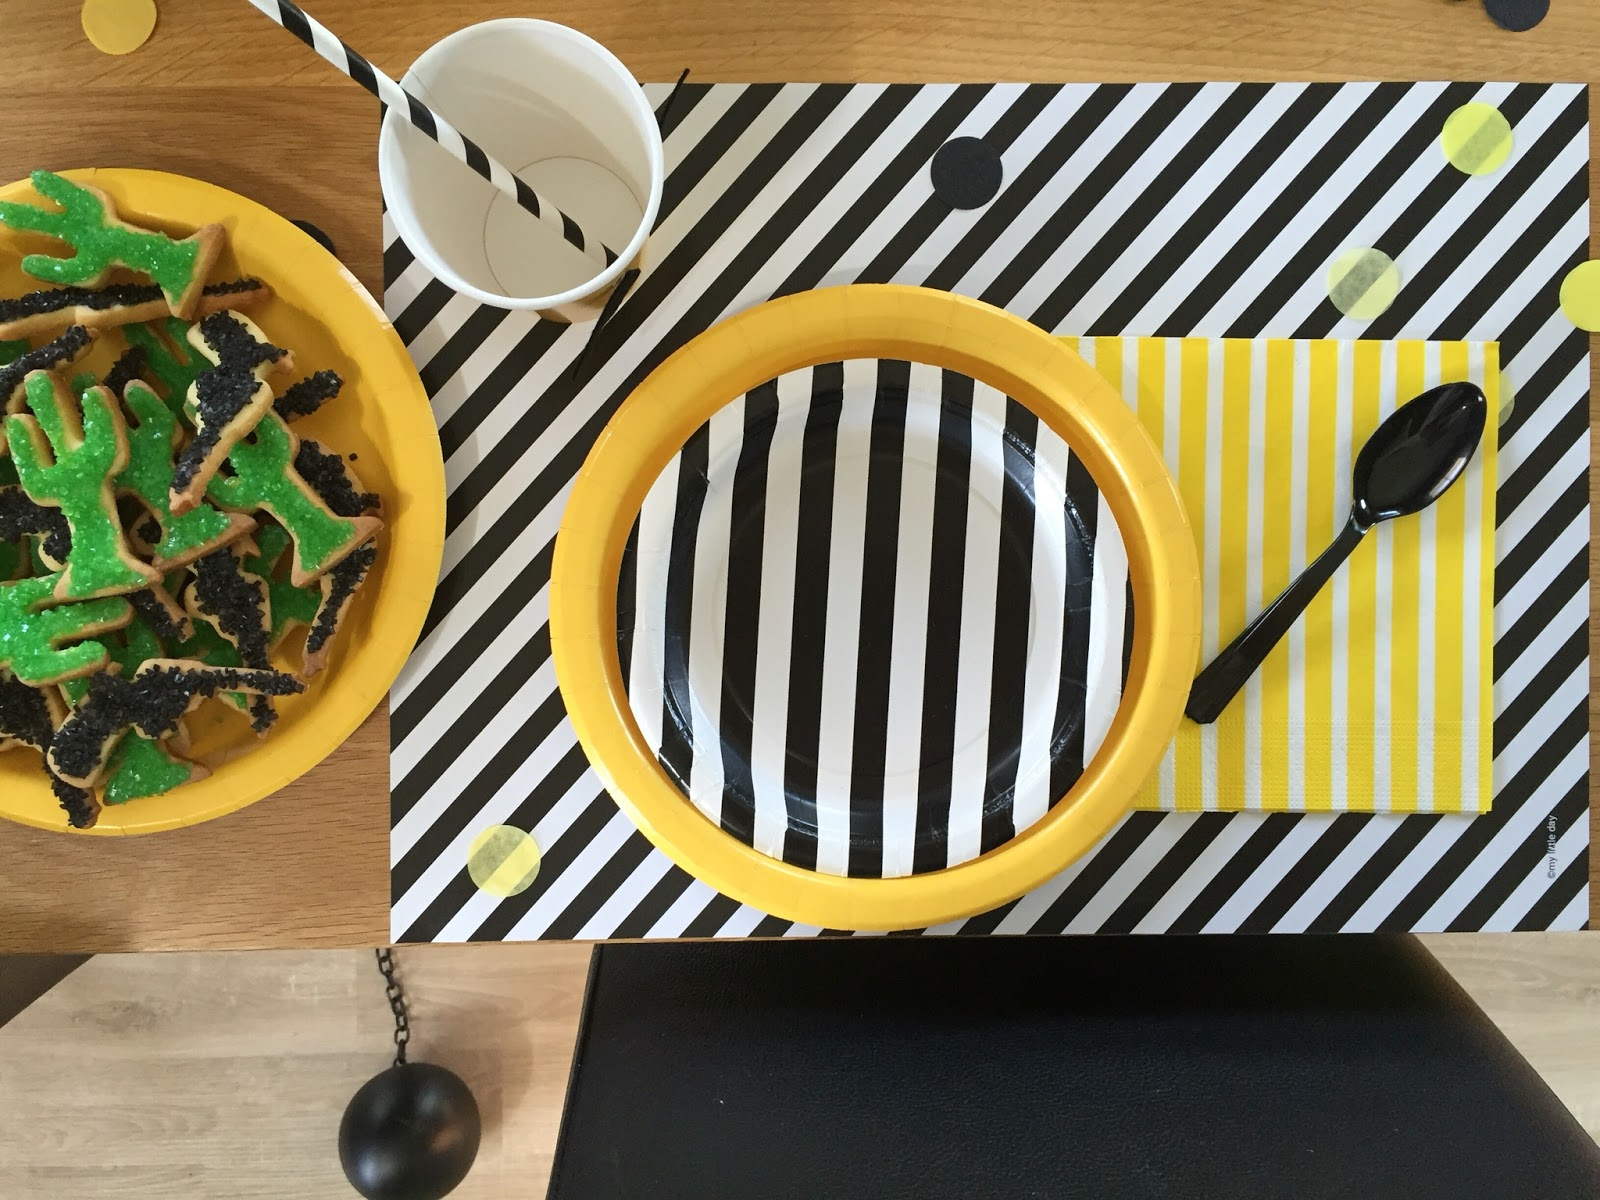 Décoration de table noir et blanc avec du jaune